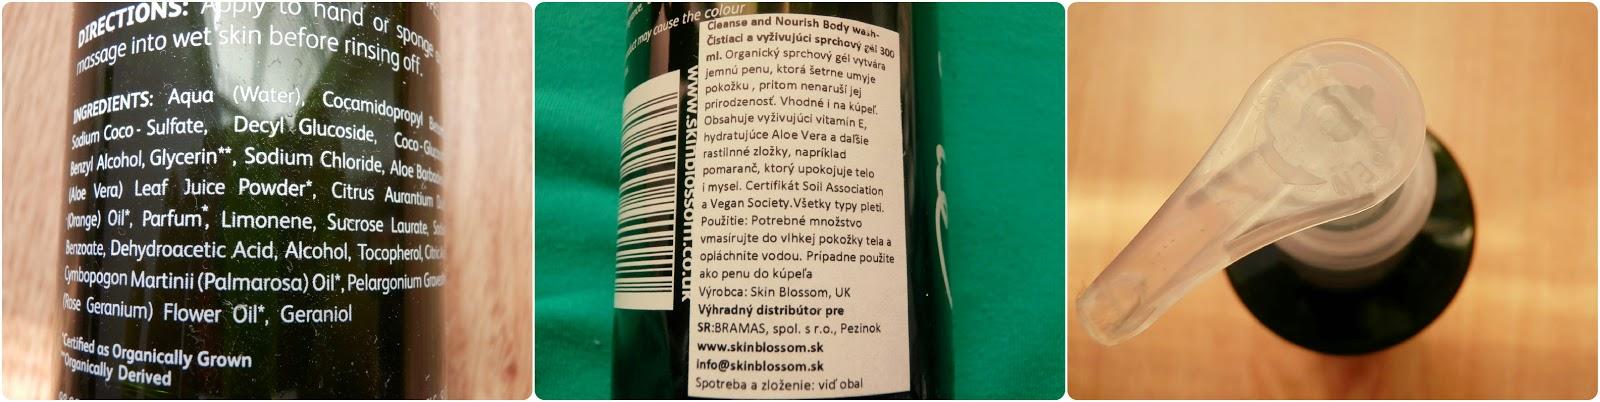 sprchový gel, recenze blogspot